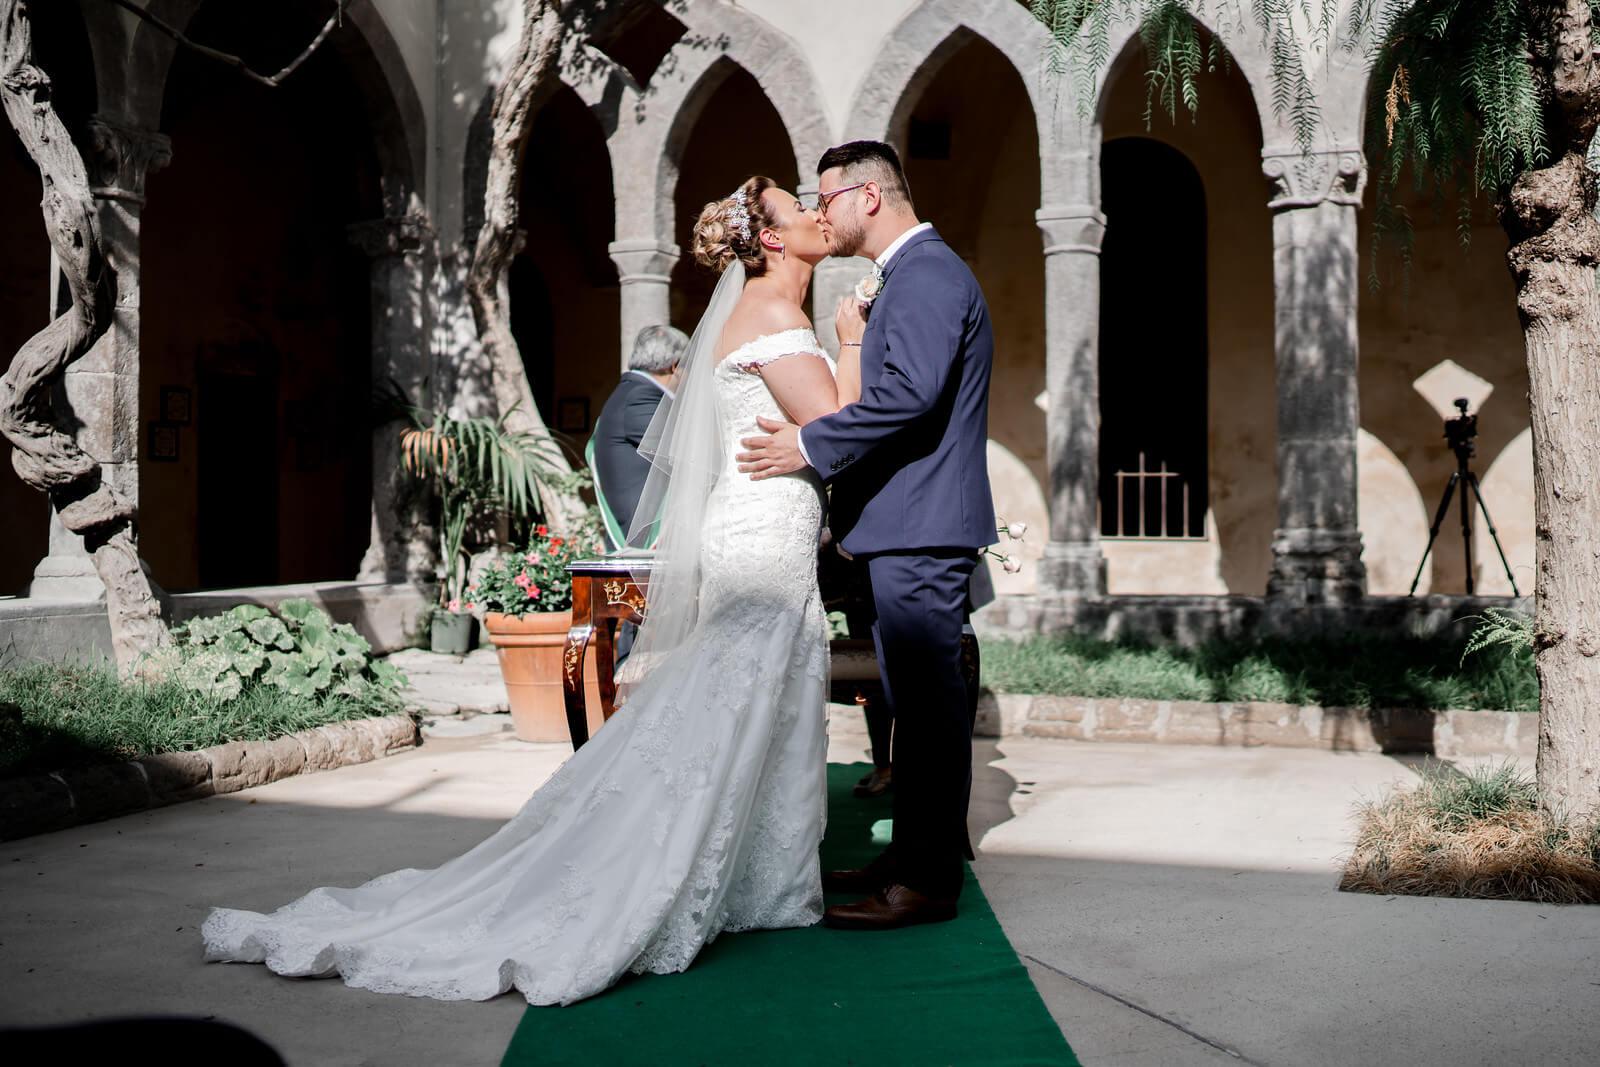 wedding-photographer-and-videographer-Chiostro-di-San-Francesco-02